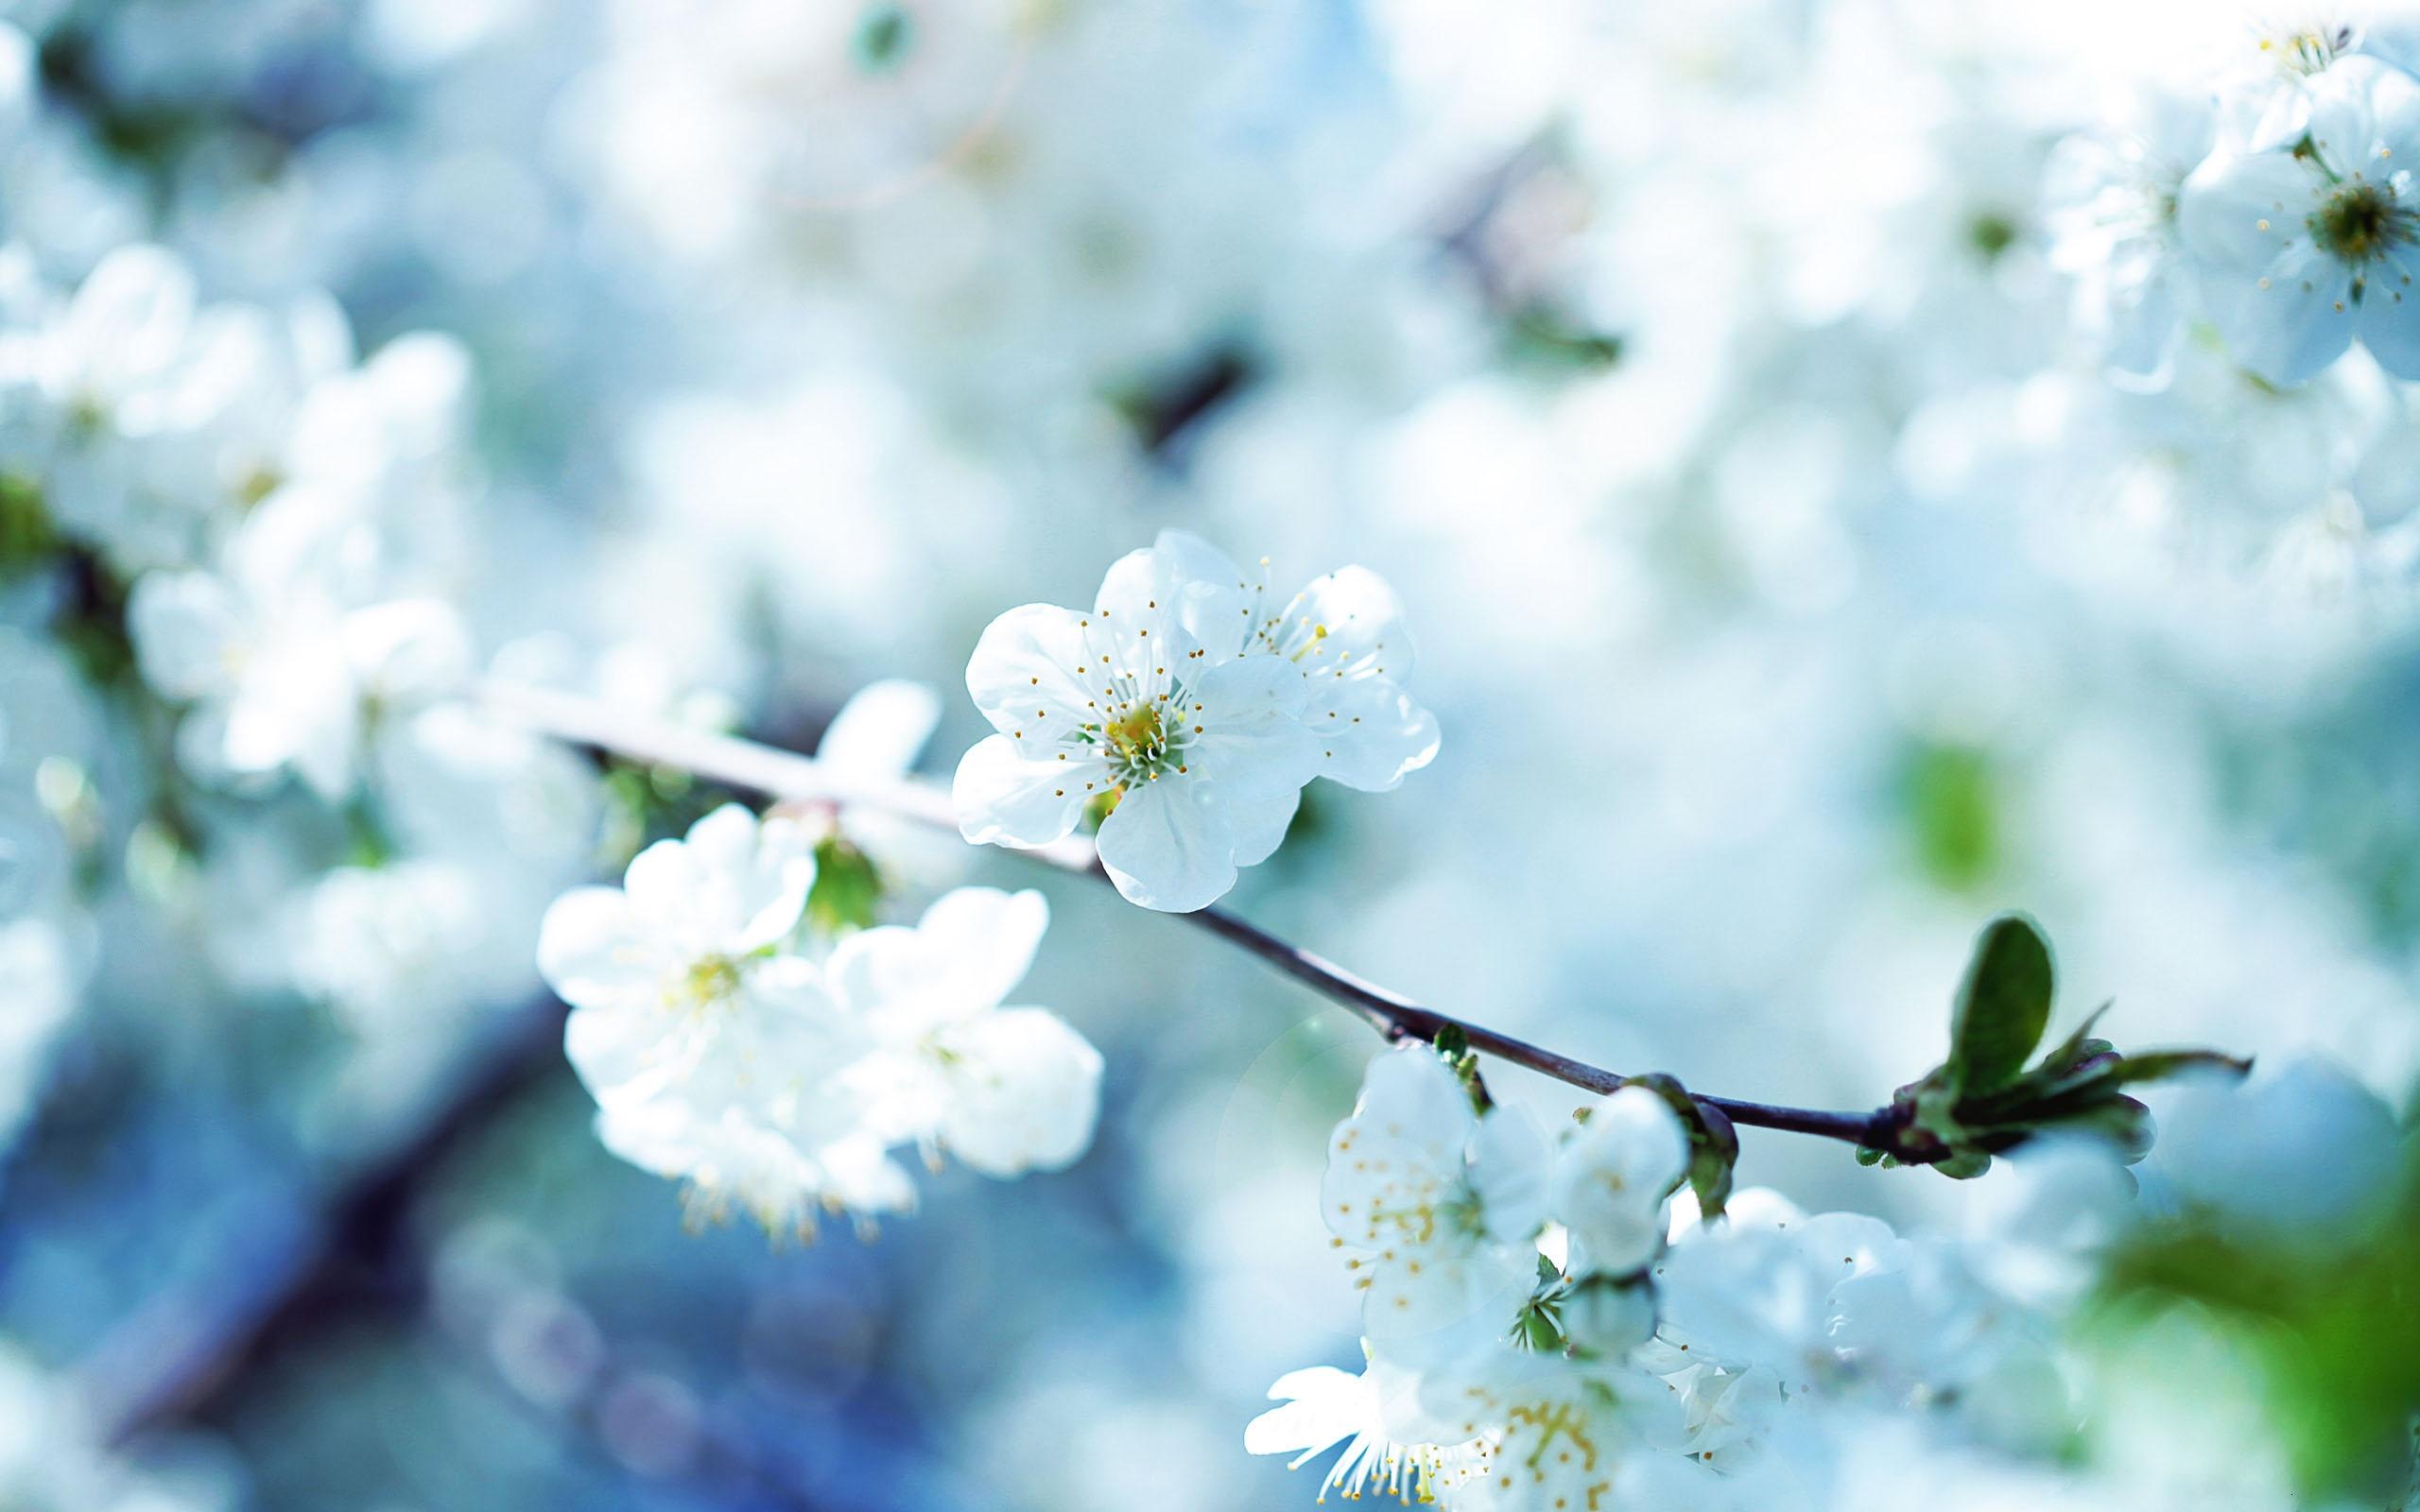 Real flower background images jpg transparent download Real flower background images - ClipartFest jpg transparent download